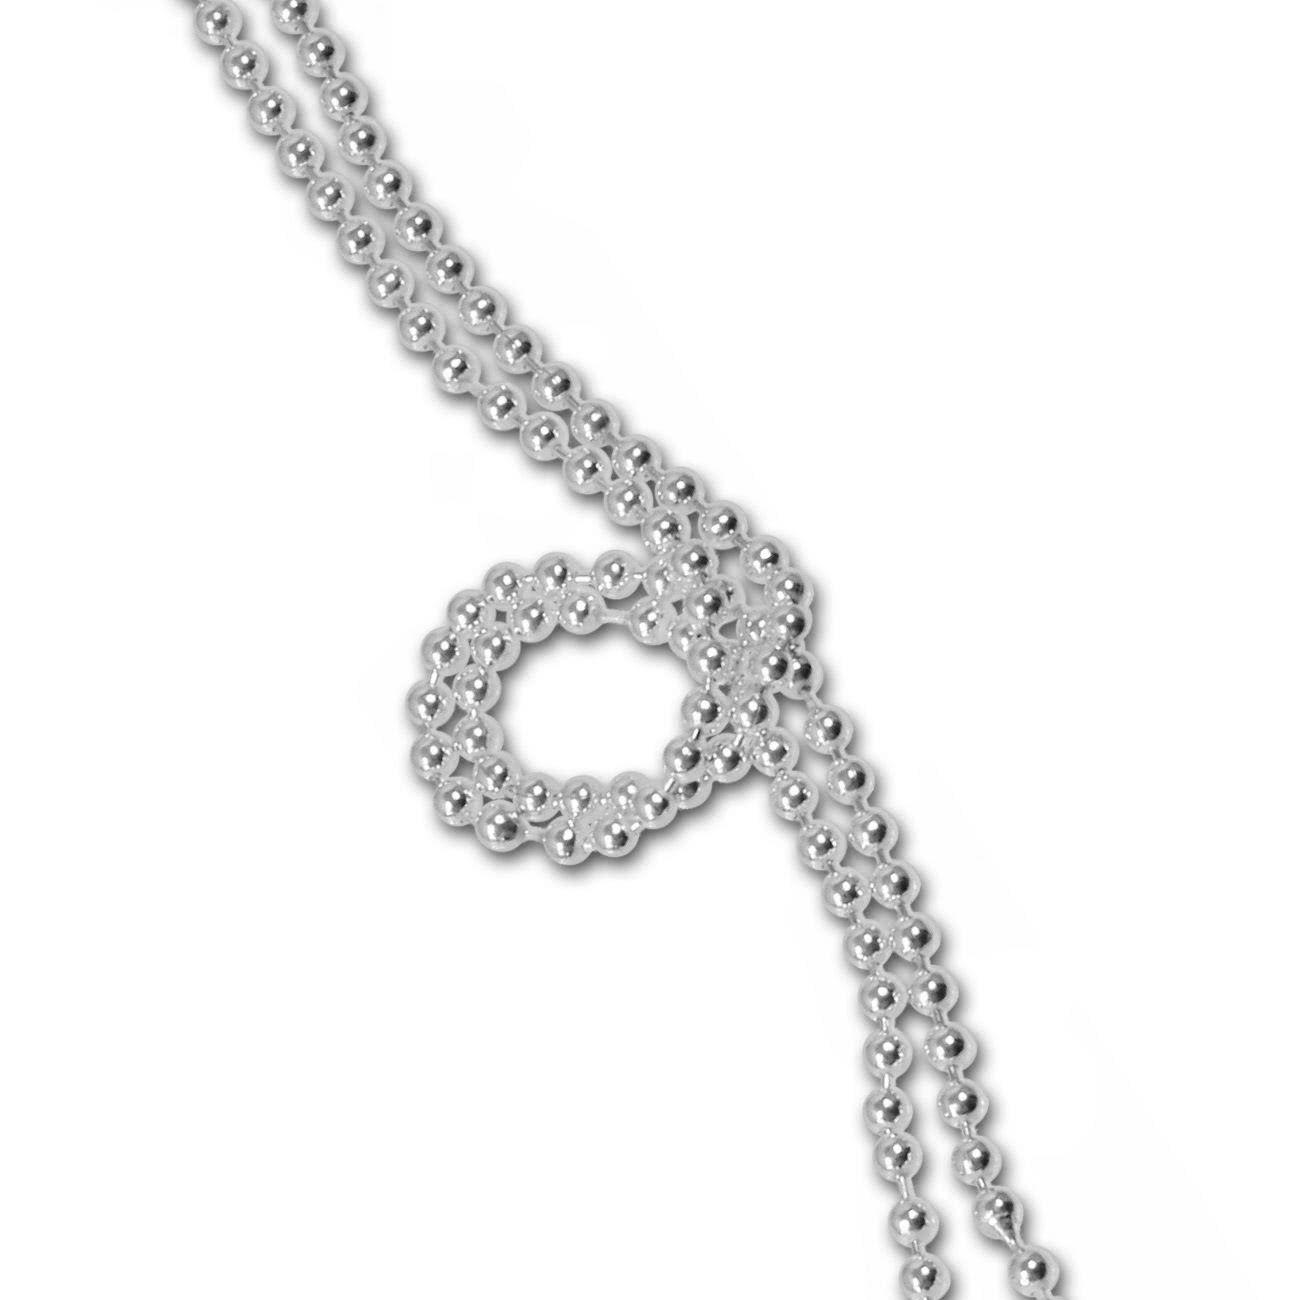 SilberDream 925 Sterling Silber Kette 45cm SDK00645